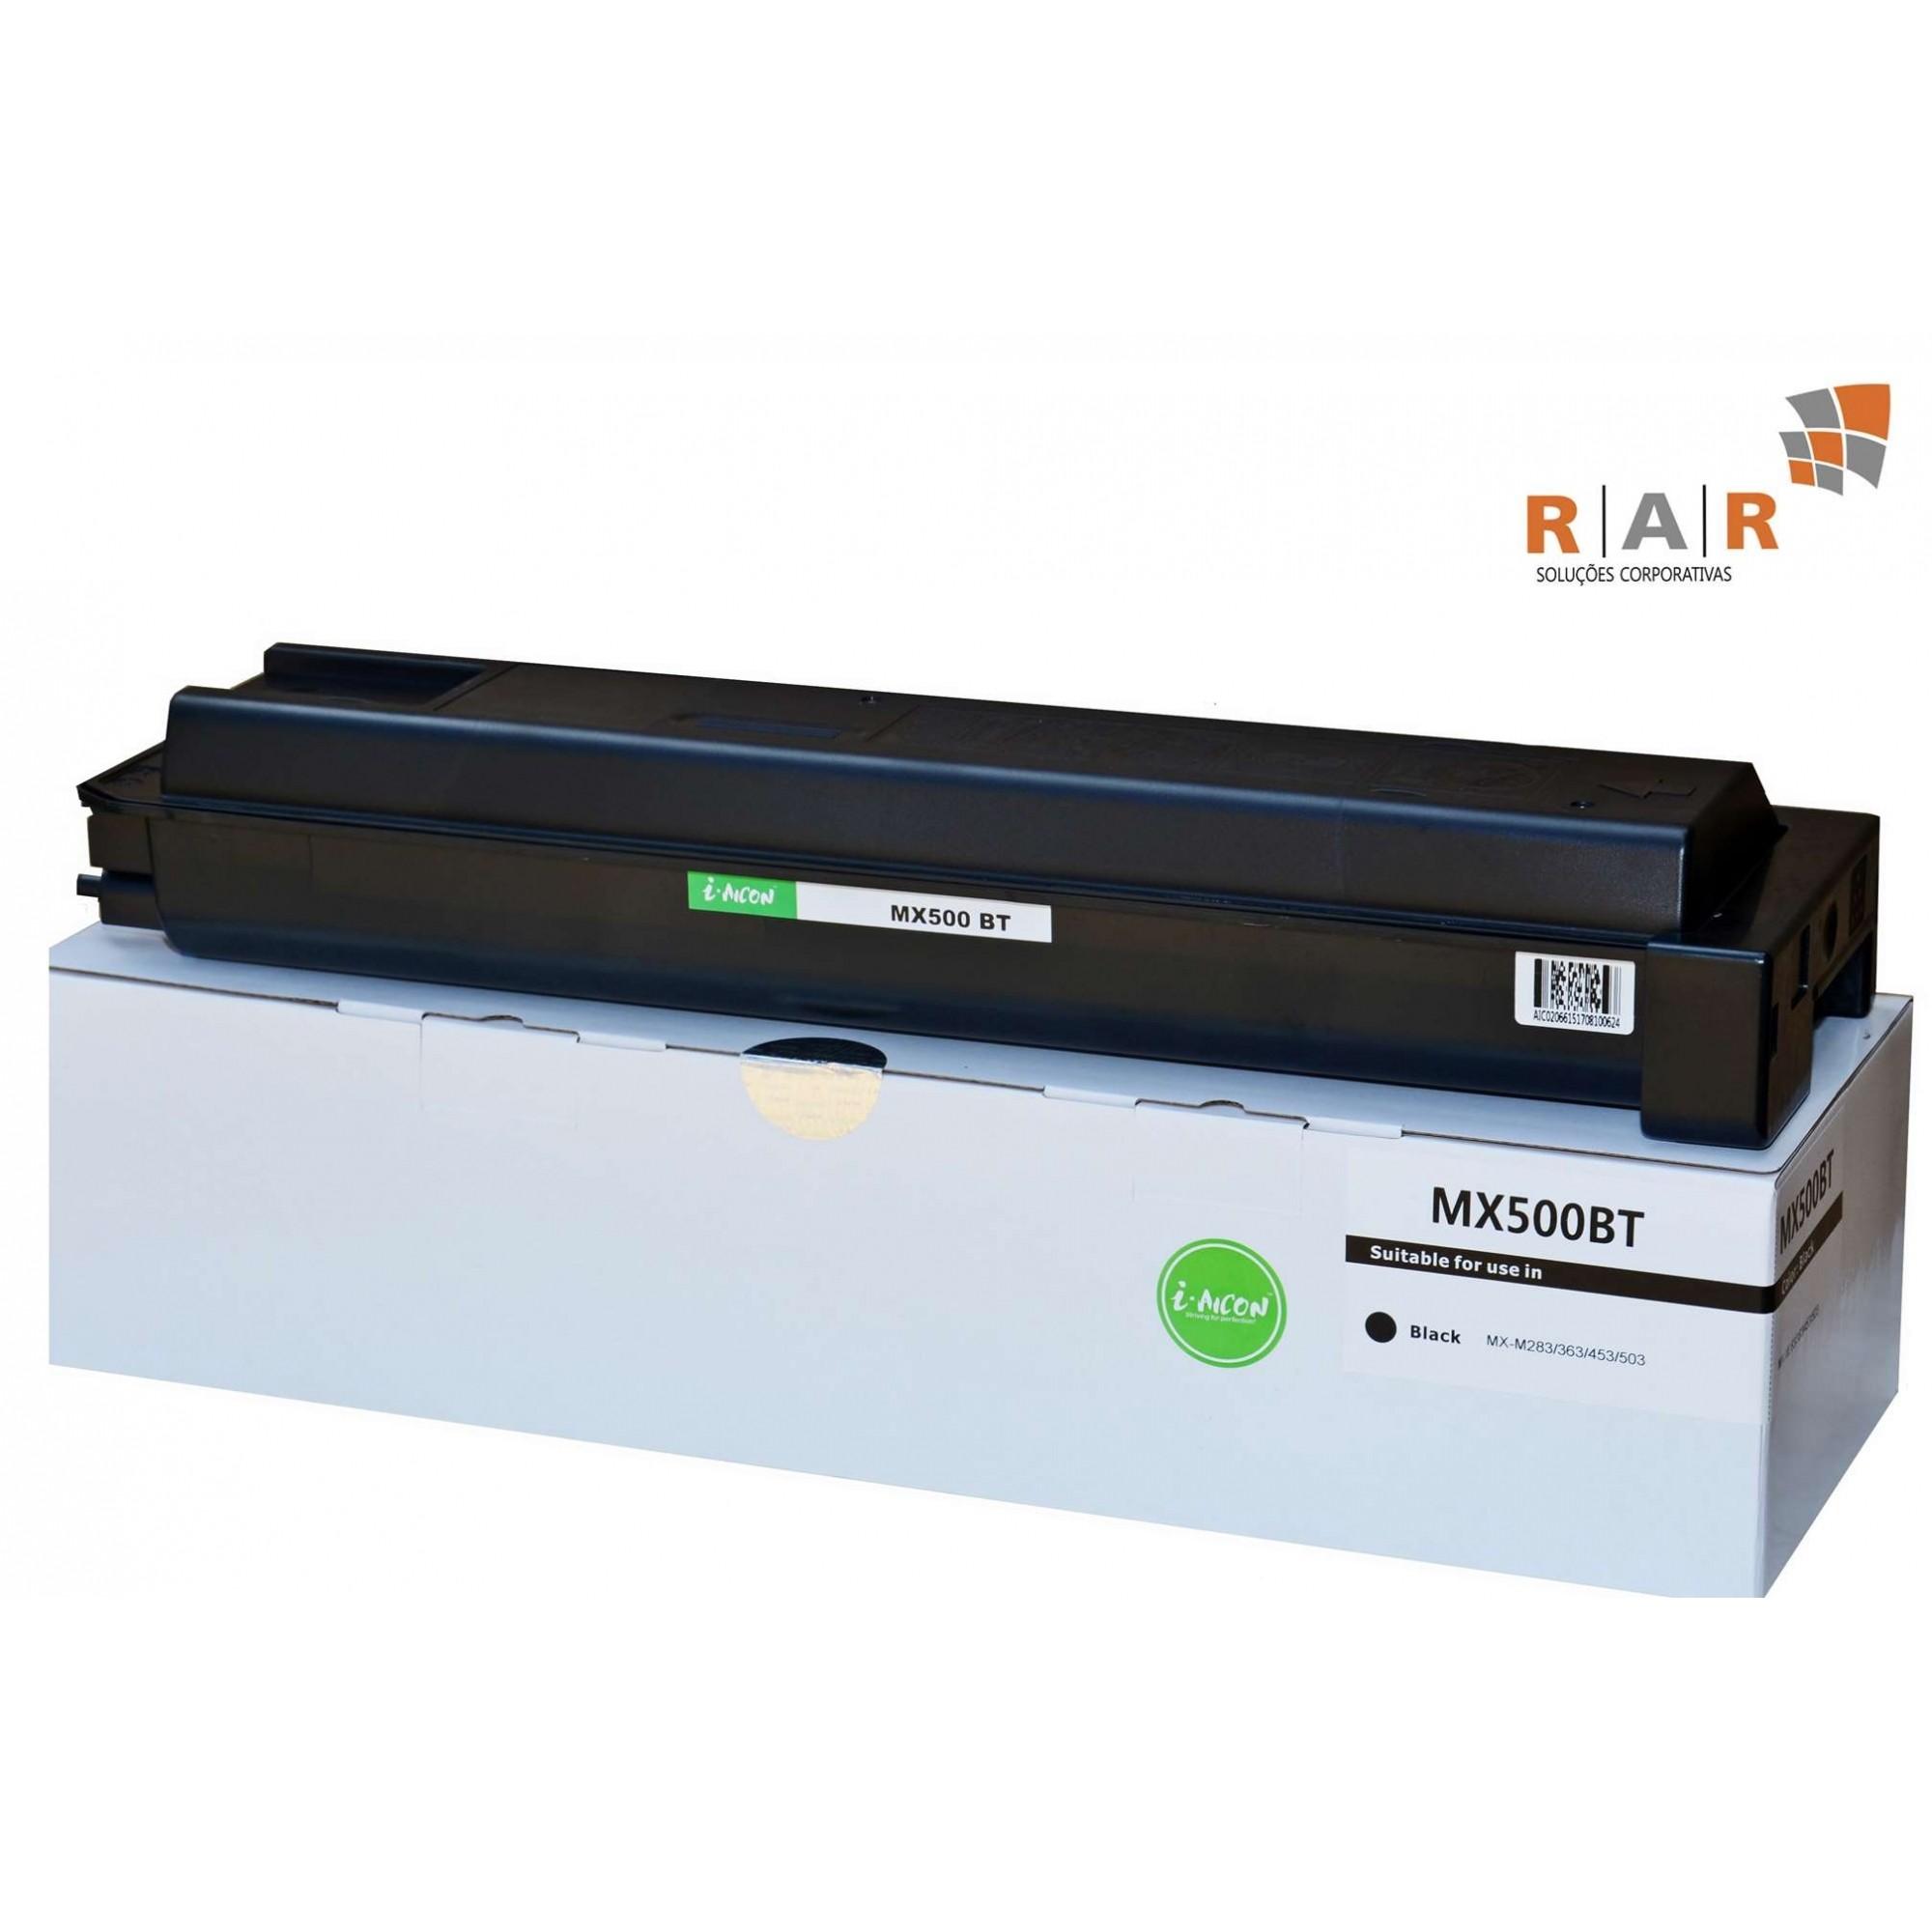 MX500BT / MX500NT - CARTUCHO DE TONER PRETO COMPATÍVEL 100% NOVO PARA SHARP MXM503N E SERIES